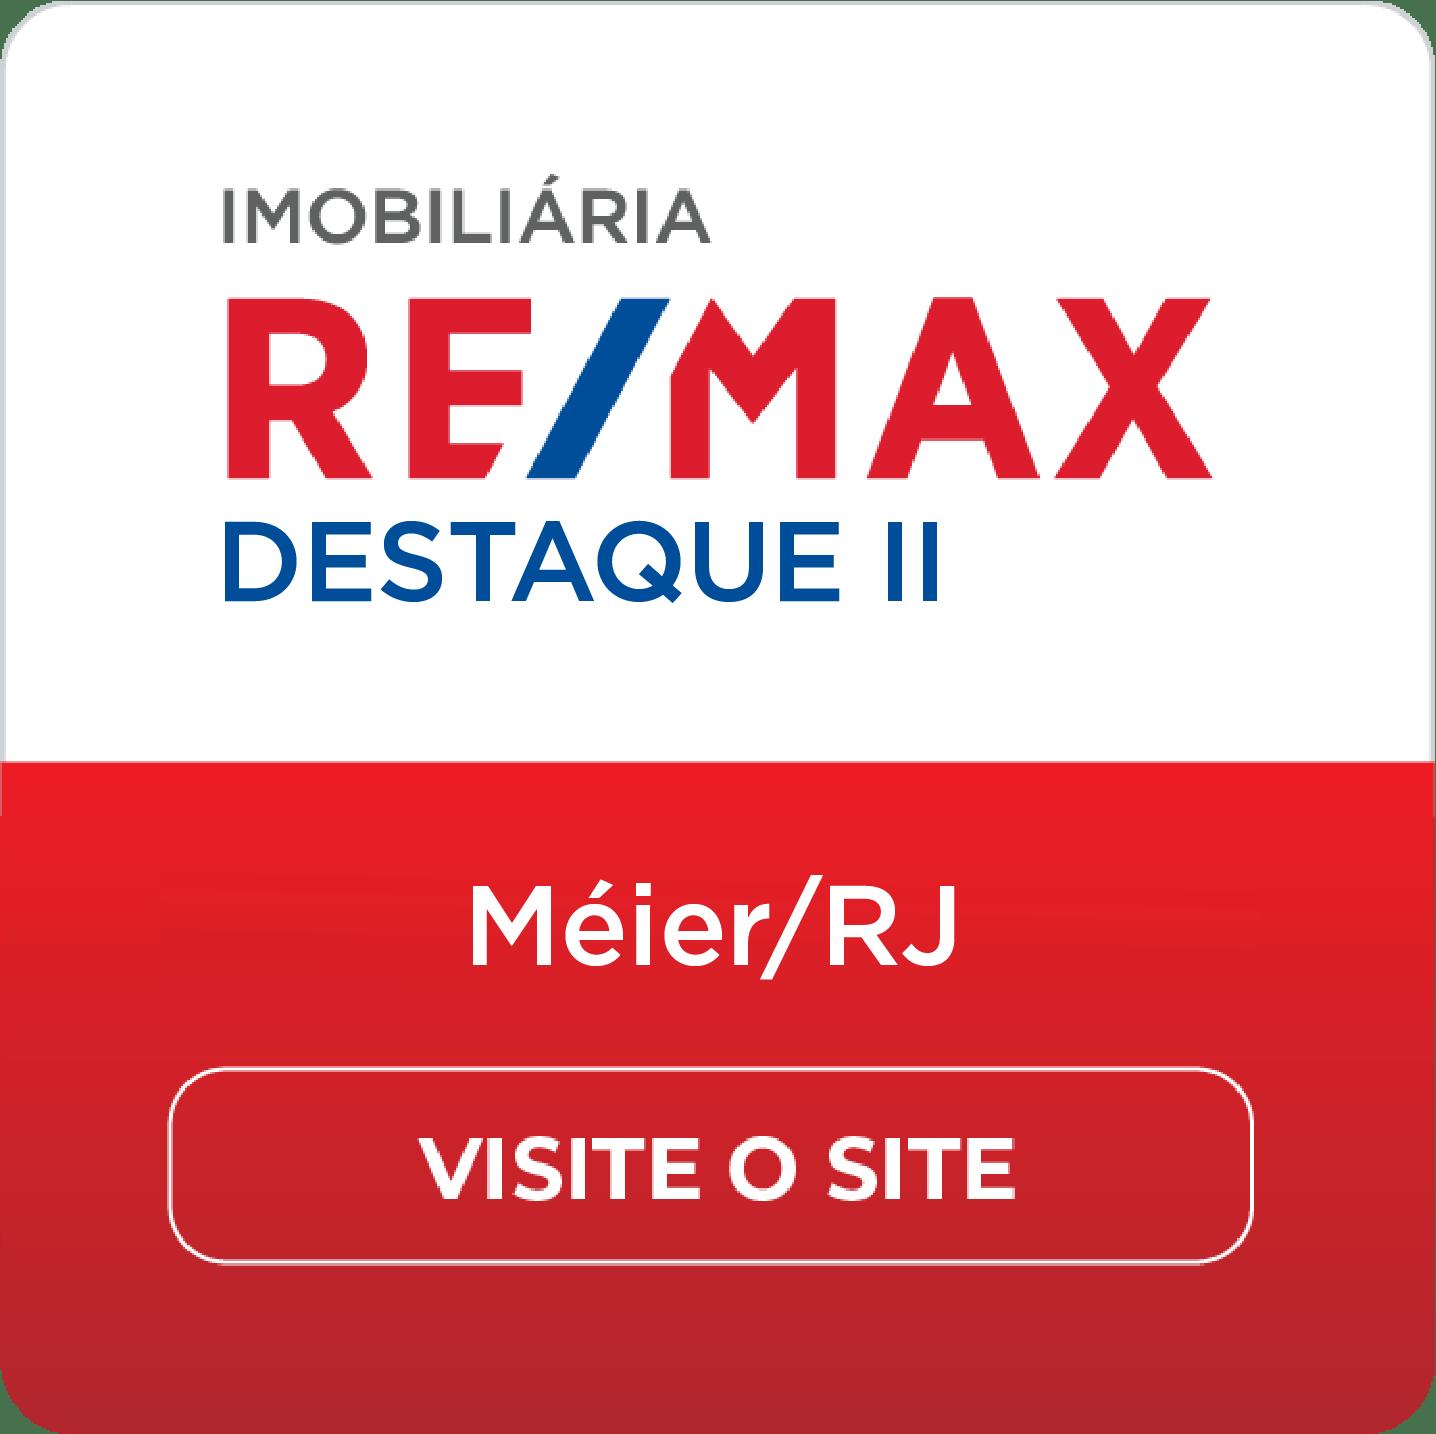 REMAX DESTAQUE IMOBILIARIA NO MÉIER ZONA NORTE RJ